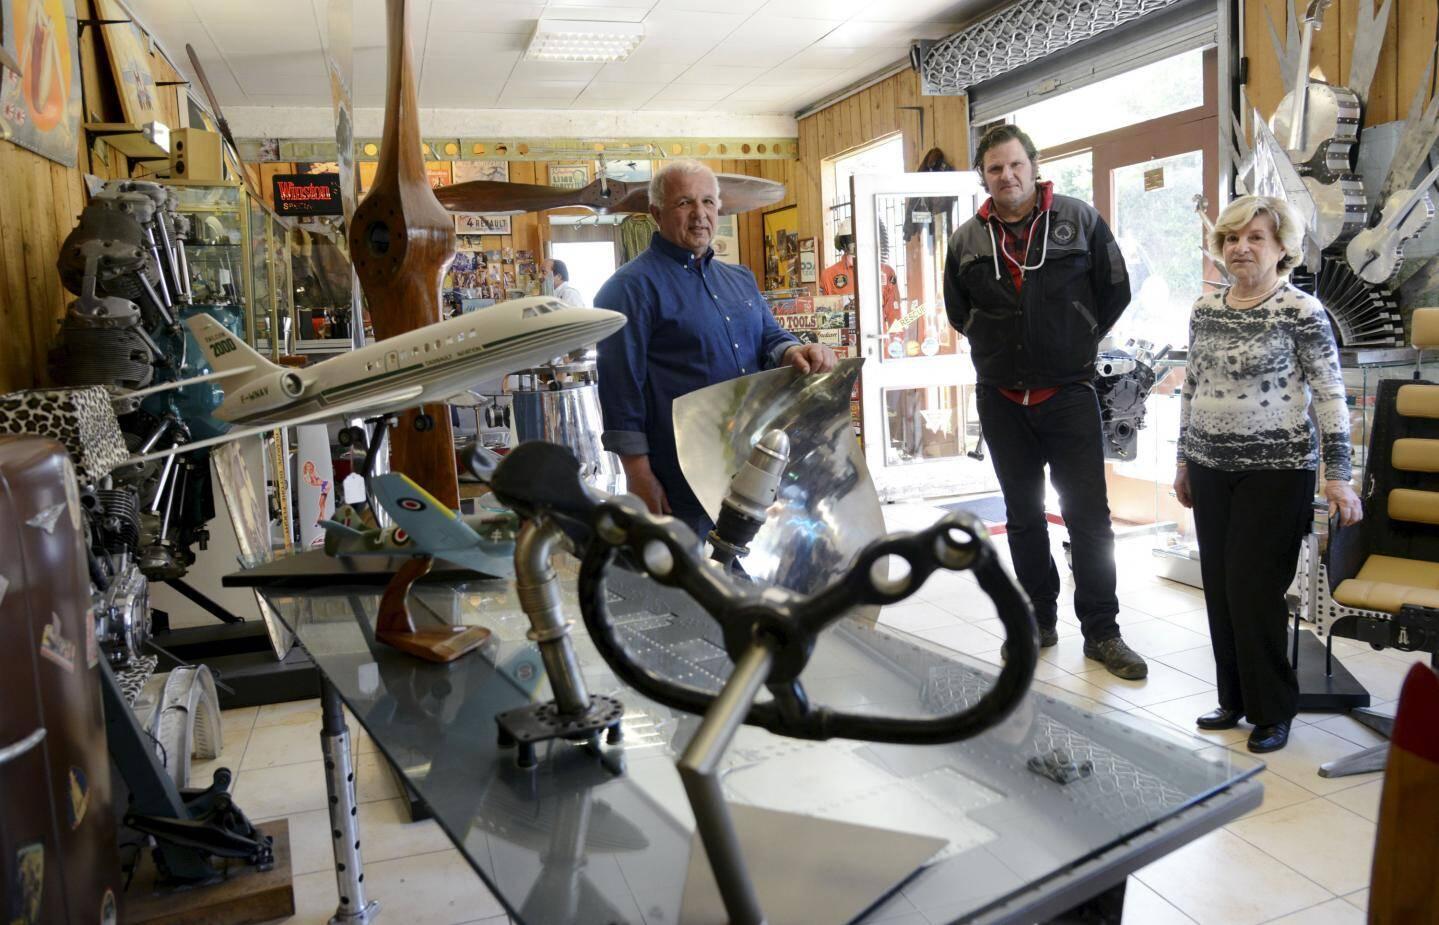 De gauche à droite, Jean-Marie, son frère Pascal et leur mère Simone D'Oriano gèrent la boutique qui regorge de trésors!